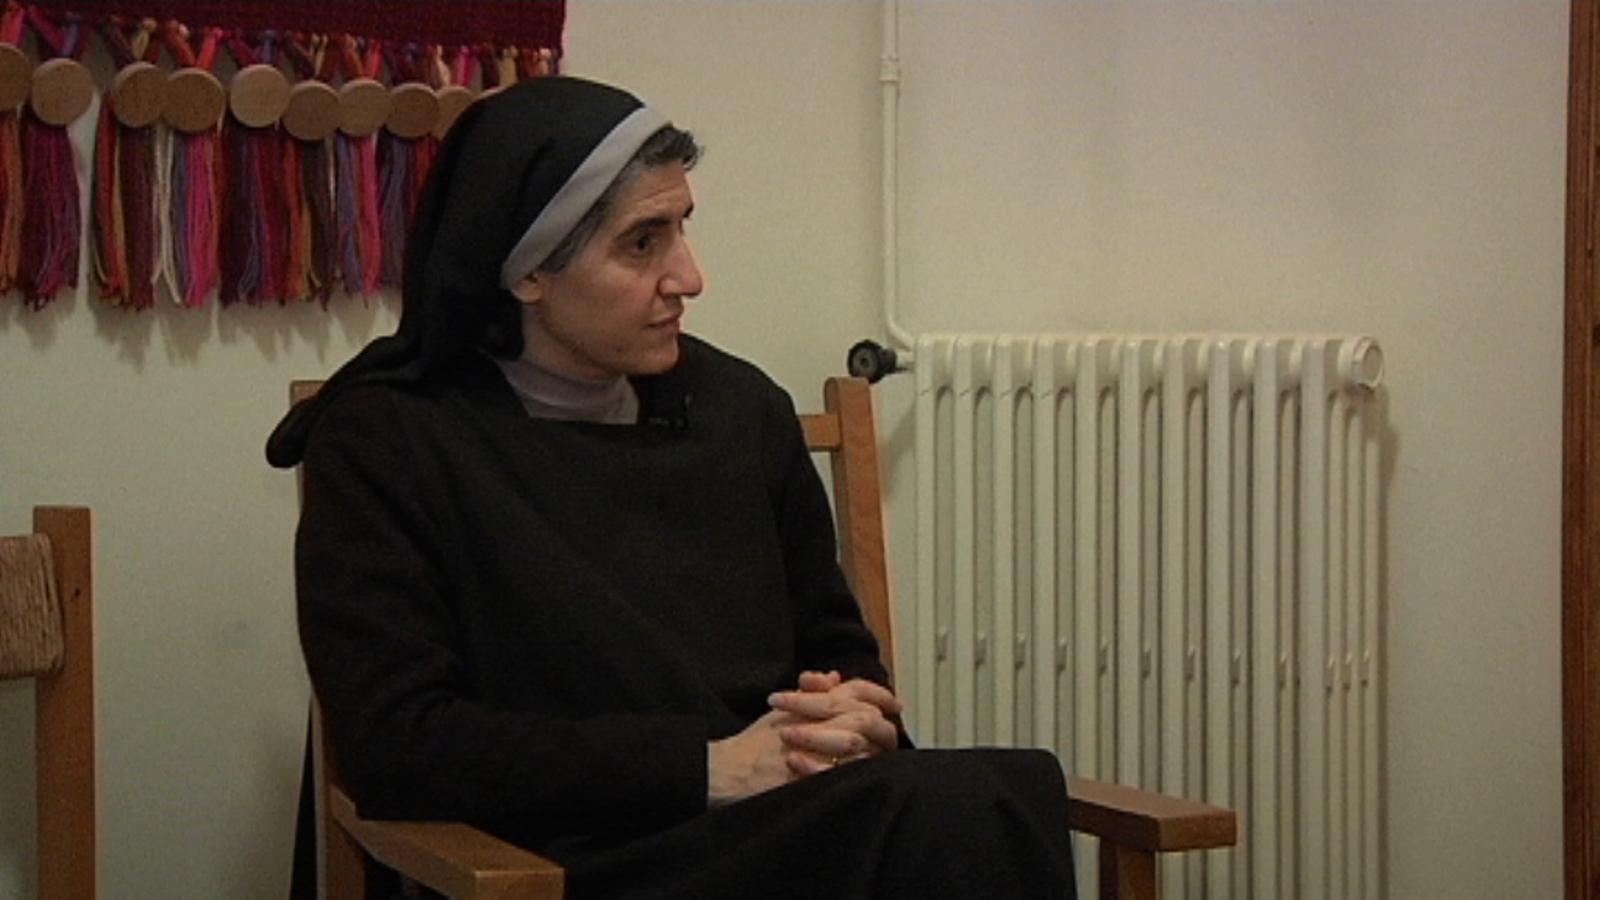 Teresa Forcades, sobre el paper de les dones a l'Església: Si les dones volguéssim, això canviaria en 24 hores